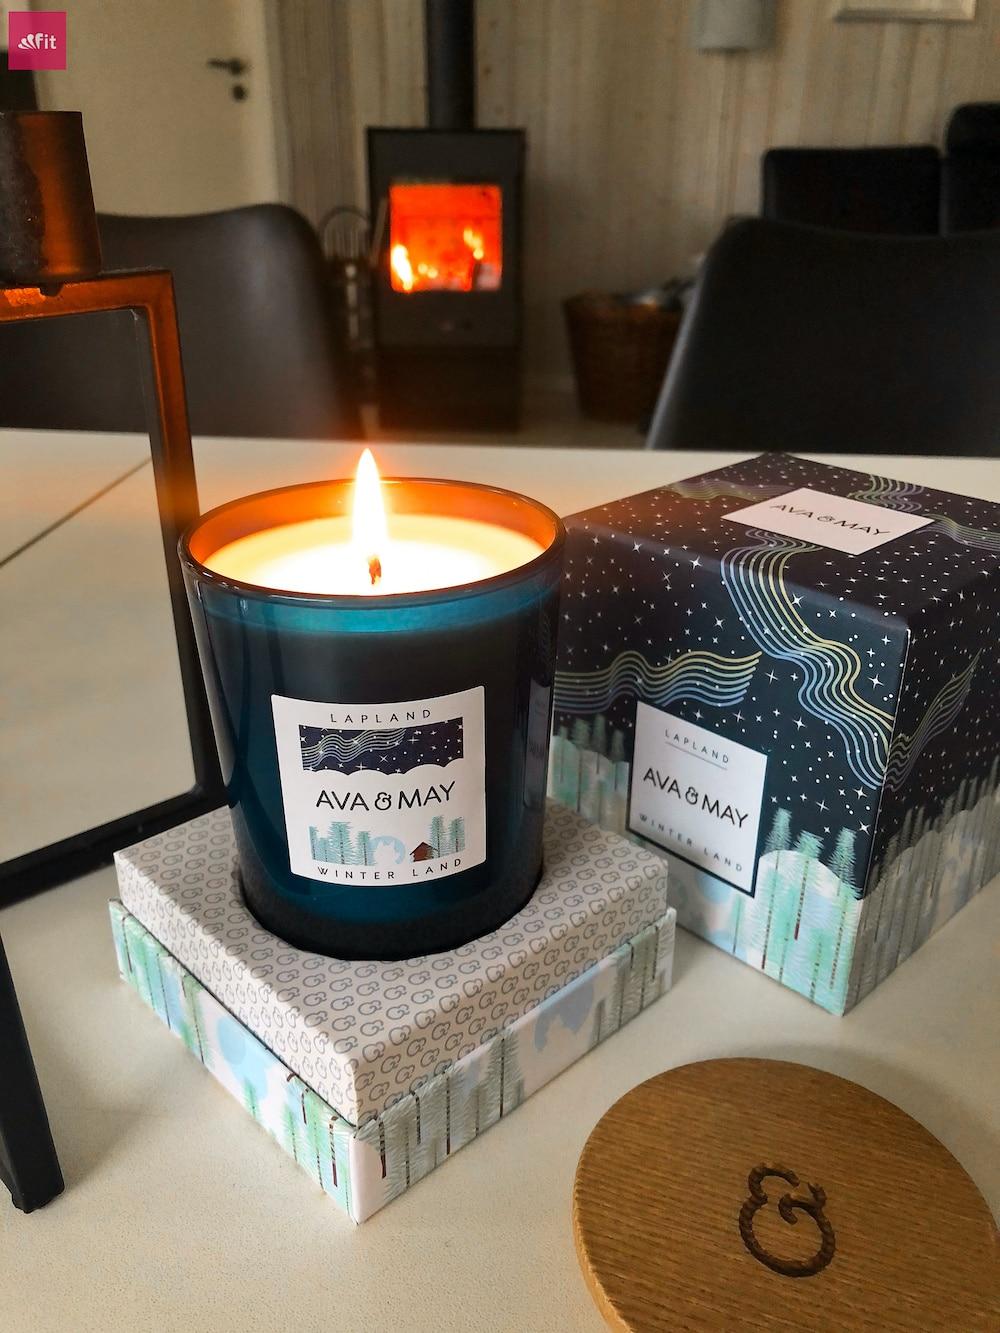 """#Duftkerze #Lappland Ava May #Kerze Winter #Cabin– DieWinterland Duftkerzeriecht hölzern,rauchig undherbnach dunklerenDuftnoten wie Weihrauch, Zeder und schwarzem Pfeffer. Einfach total angenehm, entspannend und natürlich waldig. // Eigenschaften: 100% Soja-Wachs, 40 Stunden Brenndauer, Echtholzdeckel - auch perfekt als Untersetzer geeignet #Duftkerzen #Wohnzimmer #cozy #badezimmer #wohnung #wohnen #design #deko #dekoration #reisen Ava & May Shop mit dem Code """"fitweltweit"""" 30% Rabatt (Werbung)"""